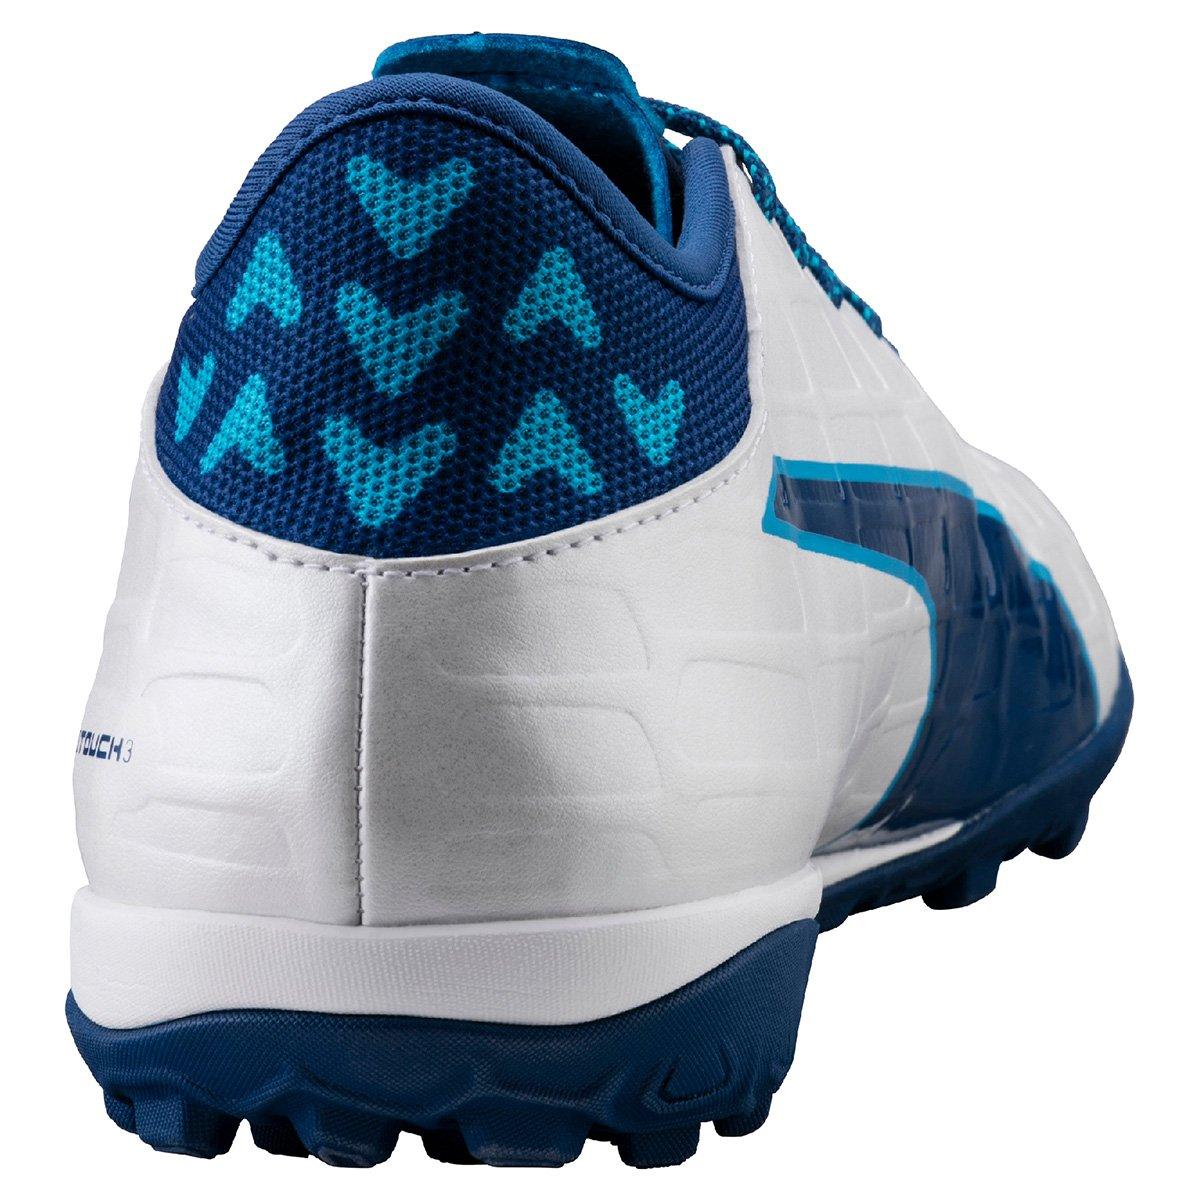 a261490991 Chuteira Society Puma Evotouch 3 TT - Branco e Azul - Compre Agora ...